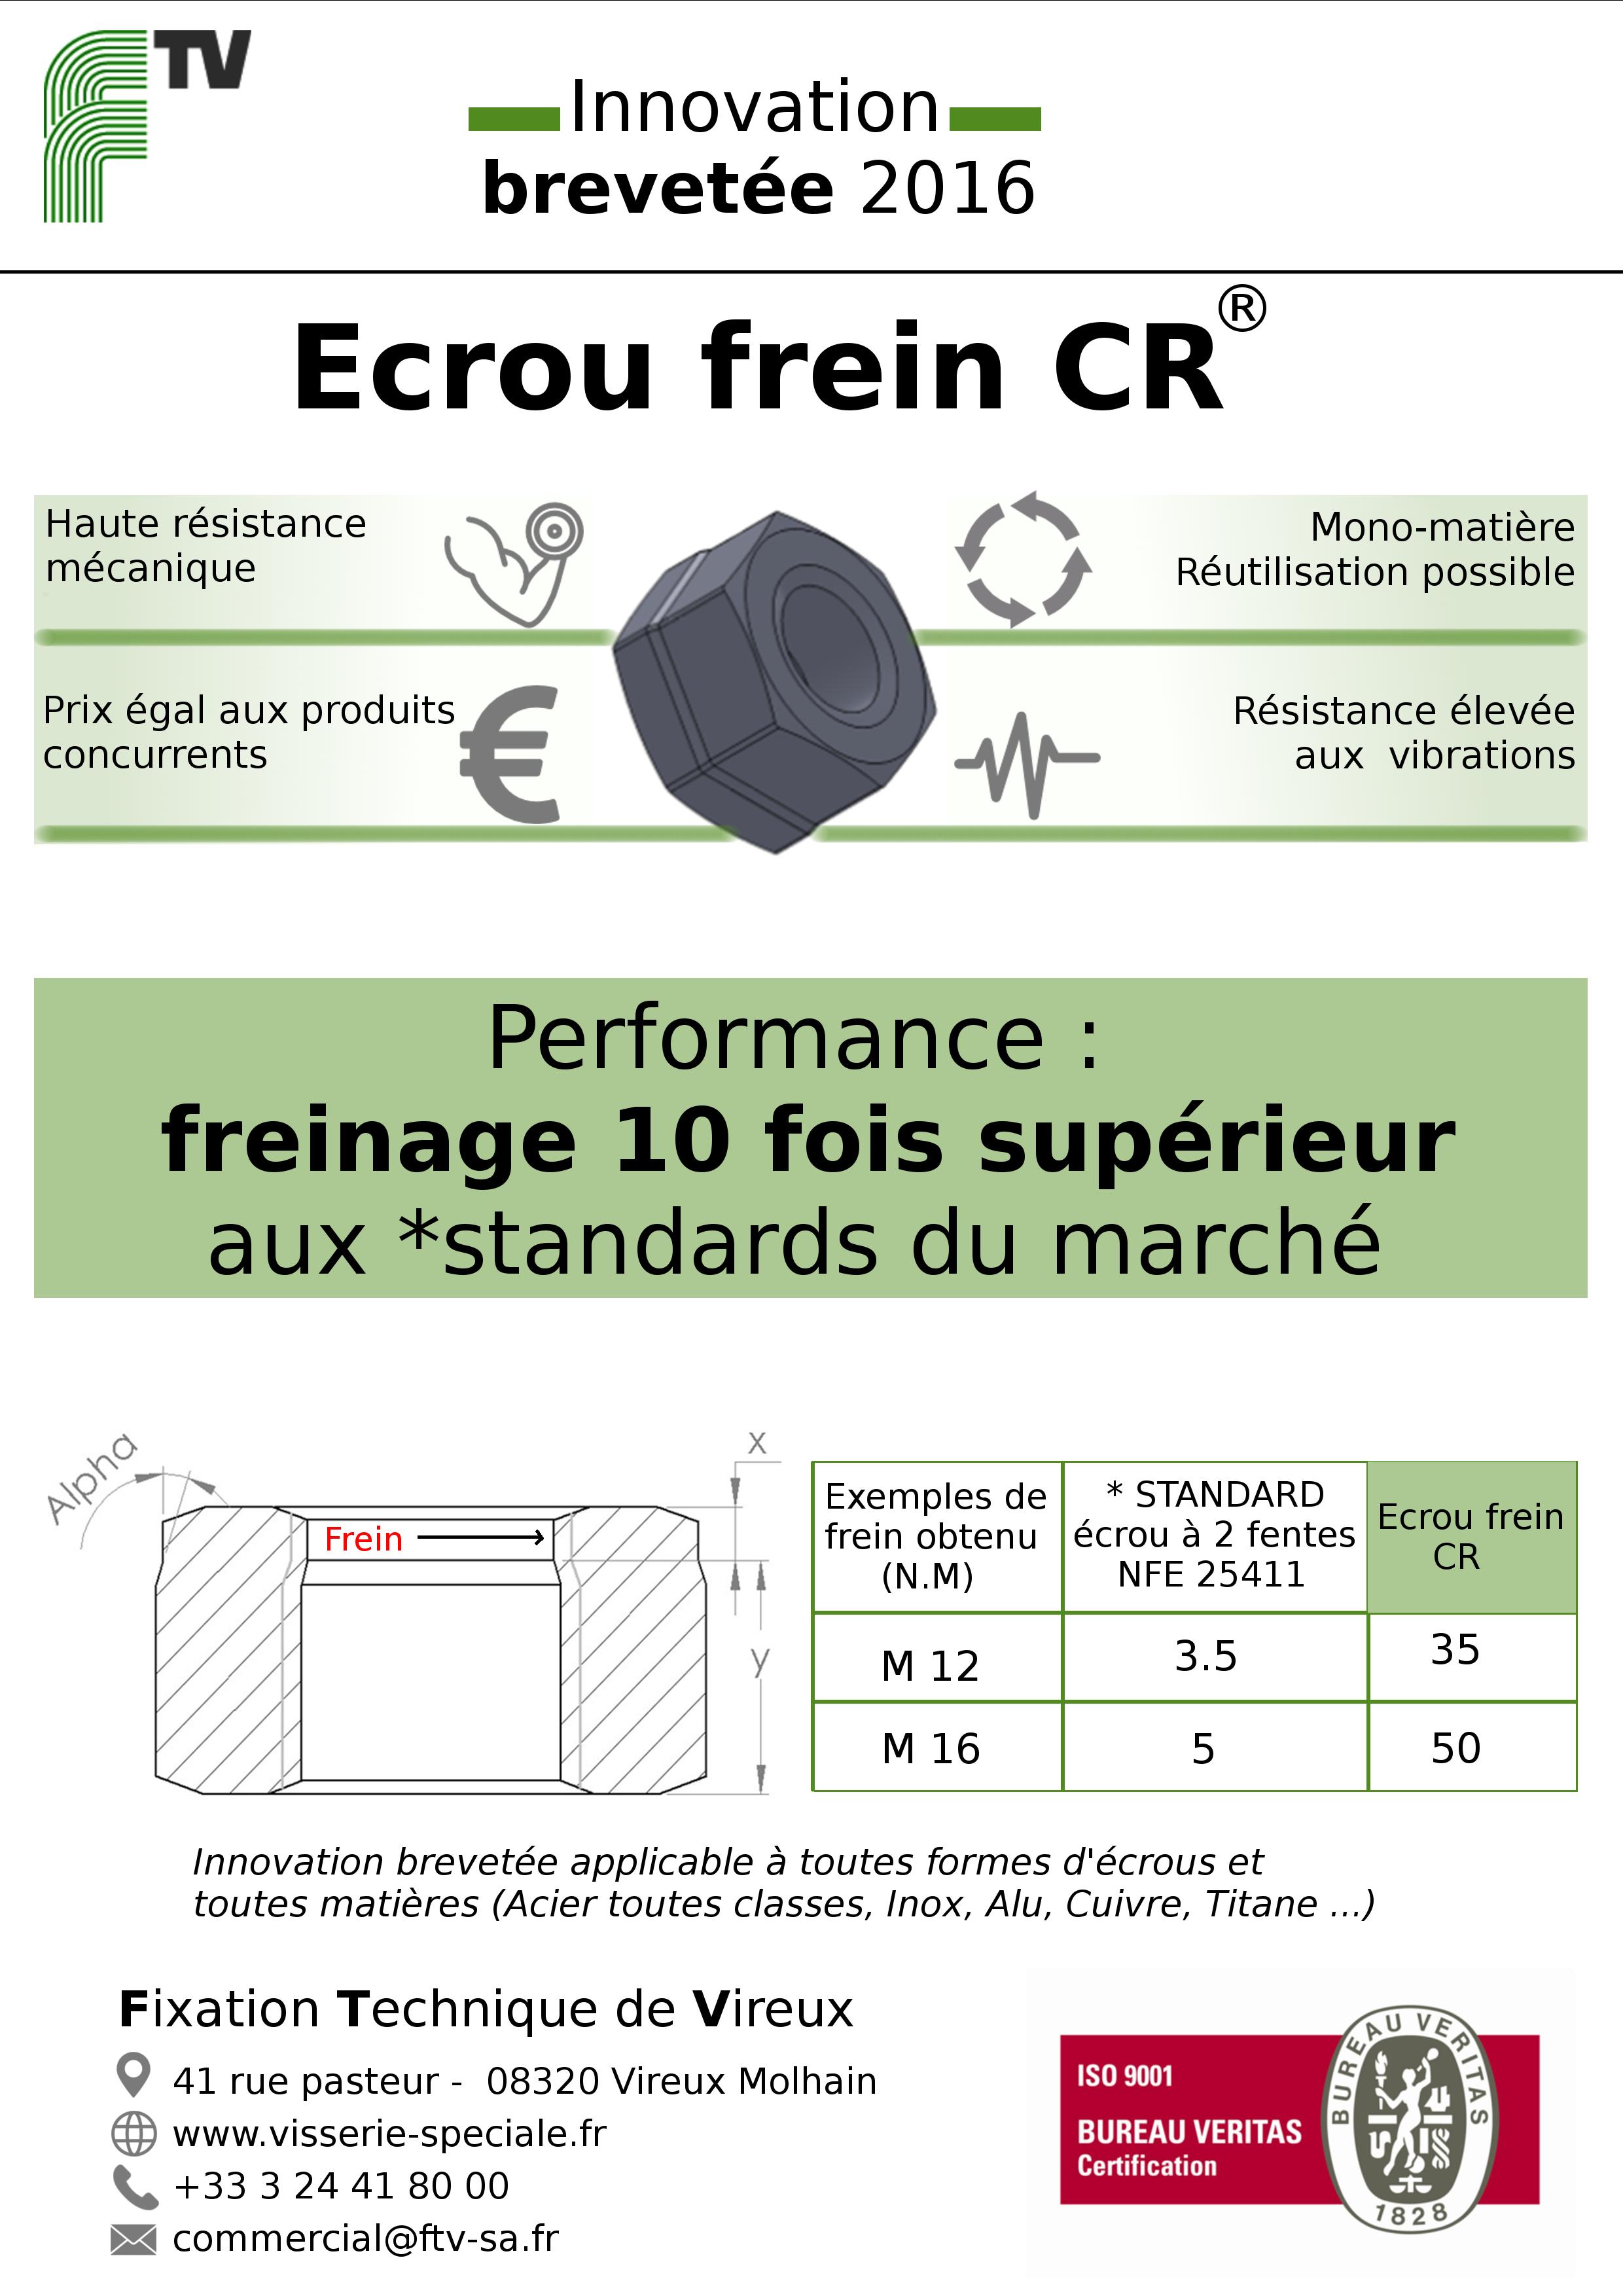 plaquette_ecrou_frein